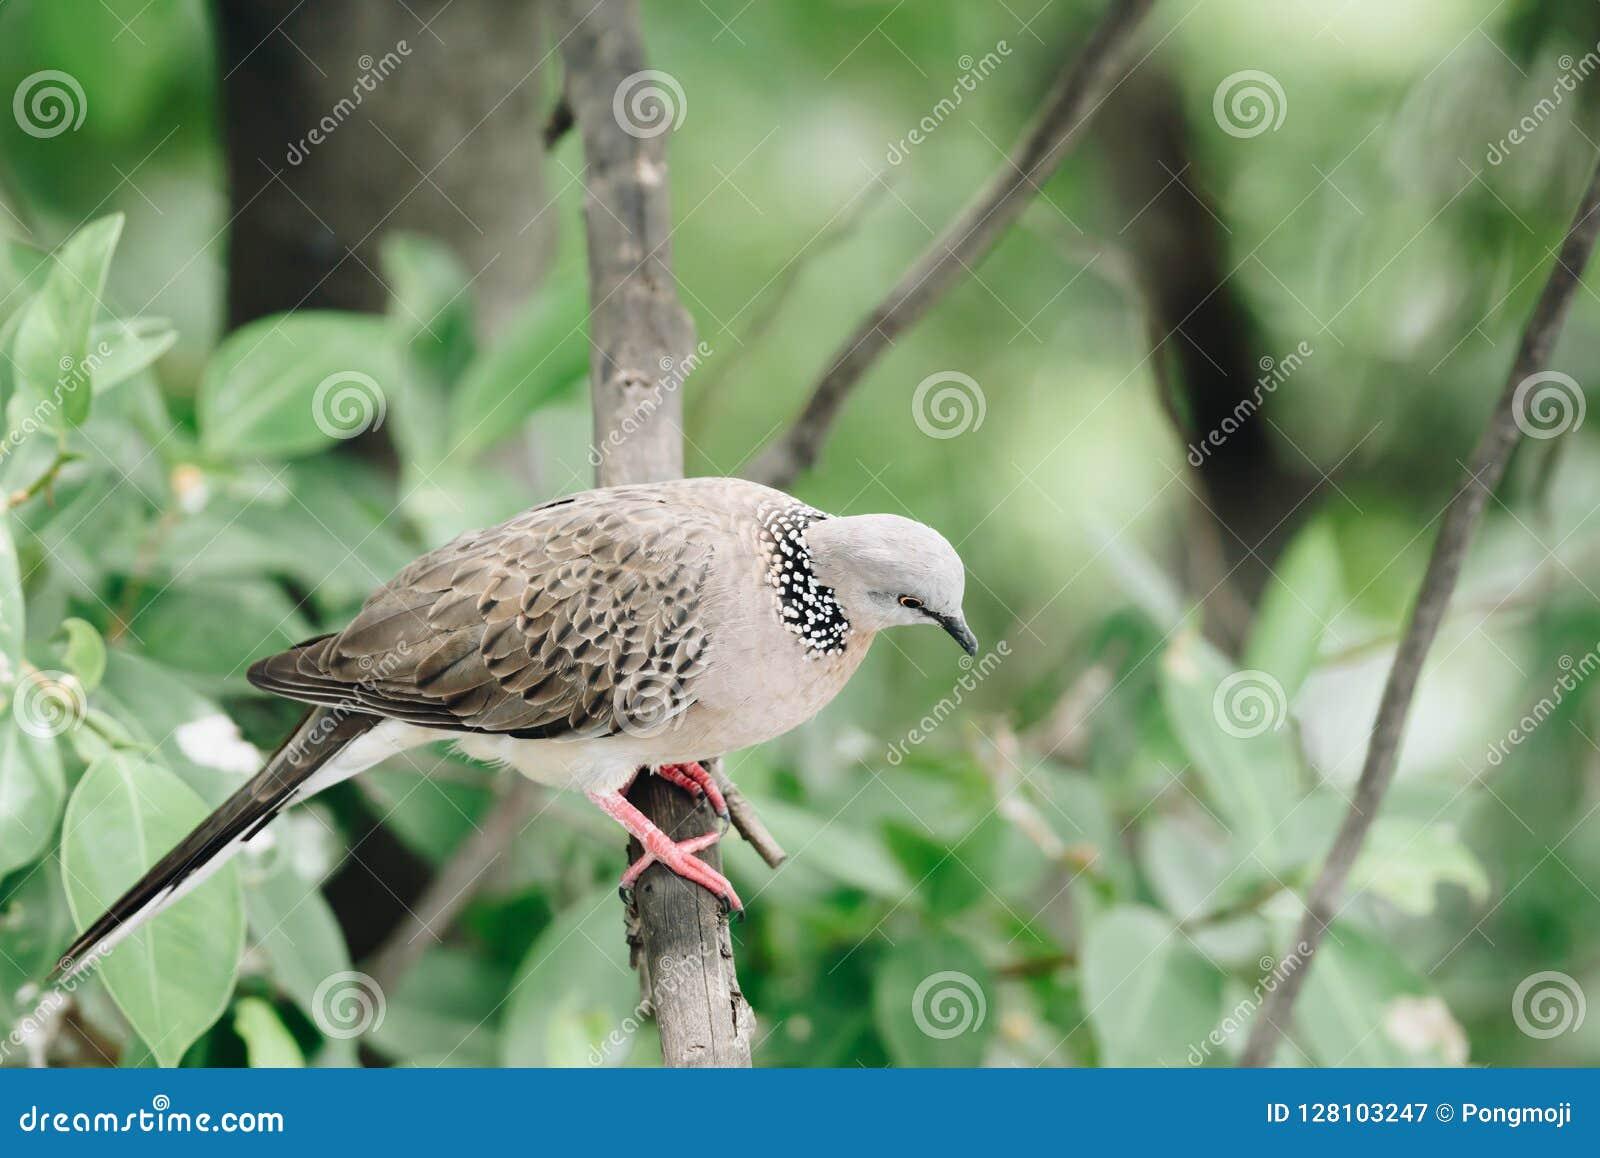 Oiseau (colombe, pigeon ou désambiguisation) dans une nature